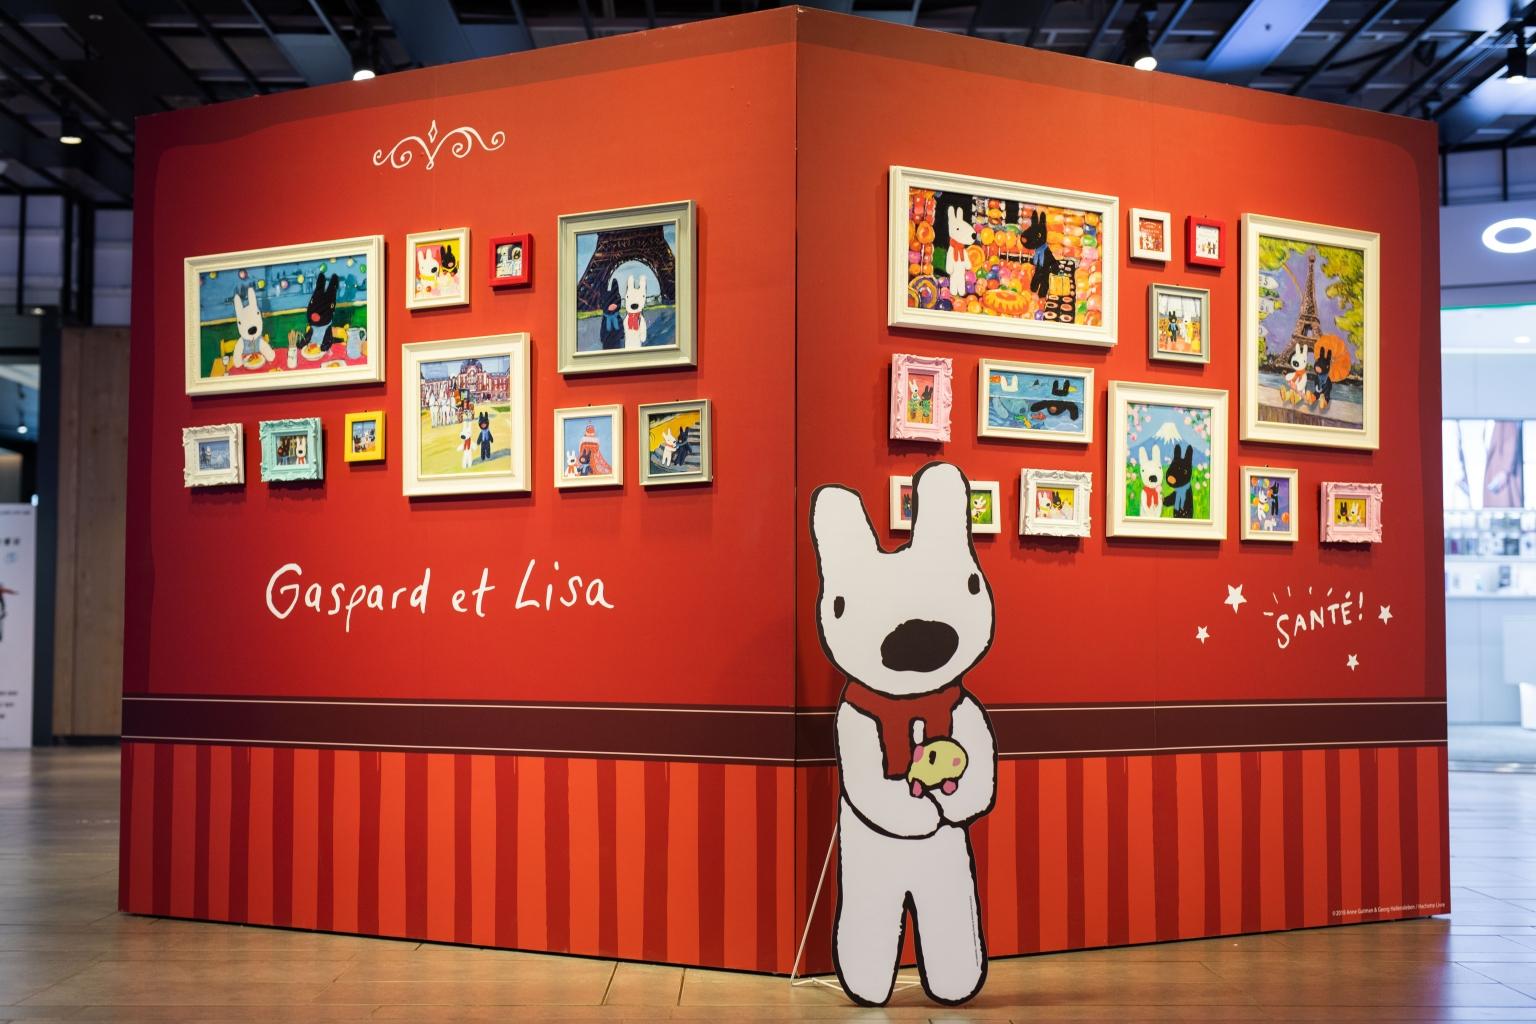 展場設有20週年友誼照片牆回憶兩位小淘氣生活的點點滴滴